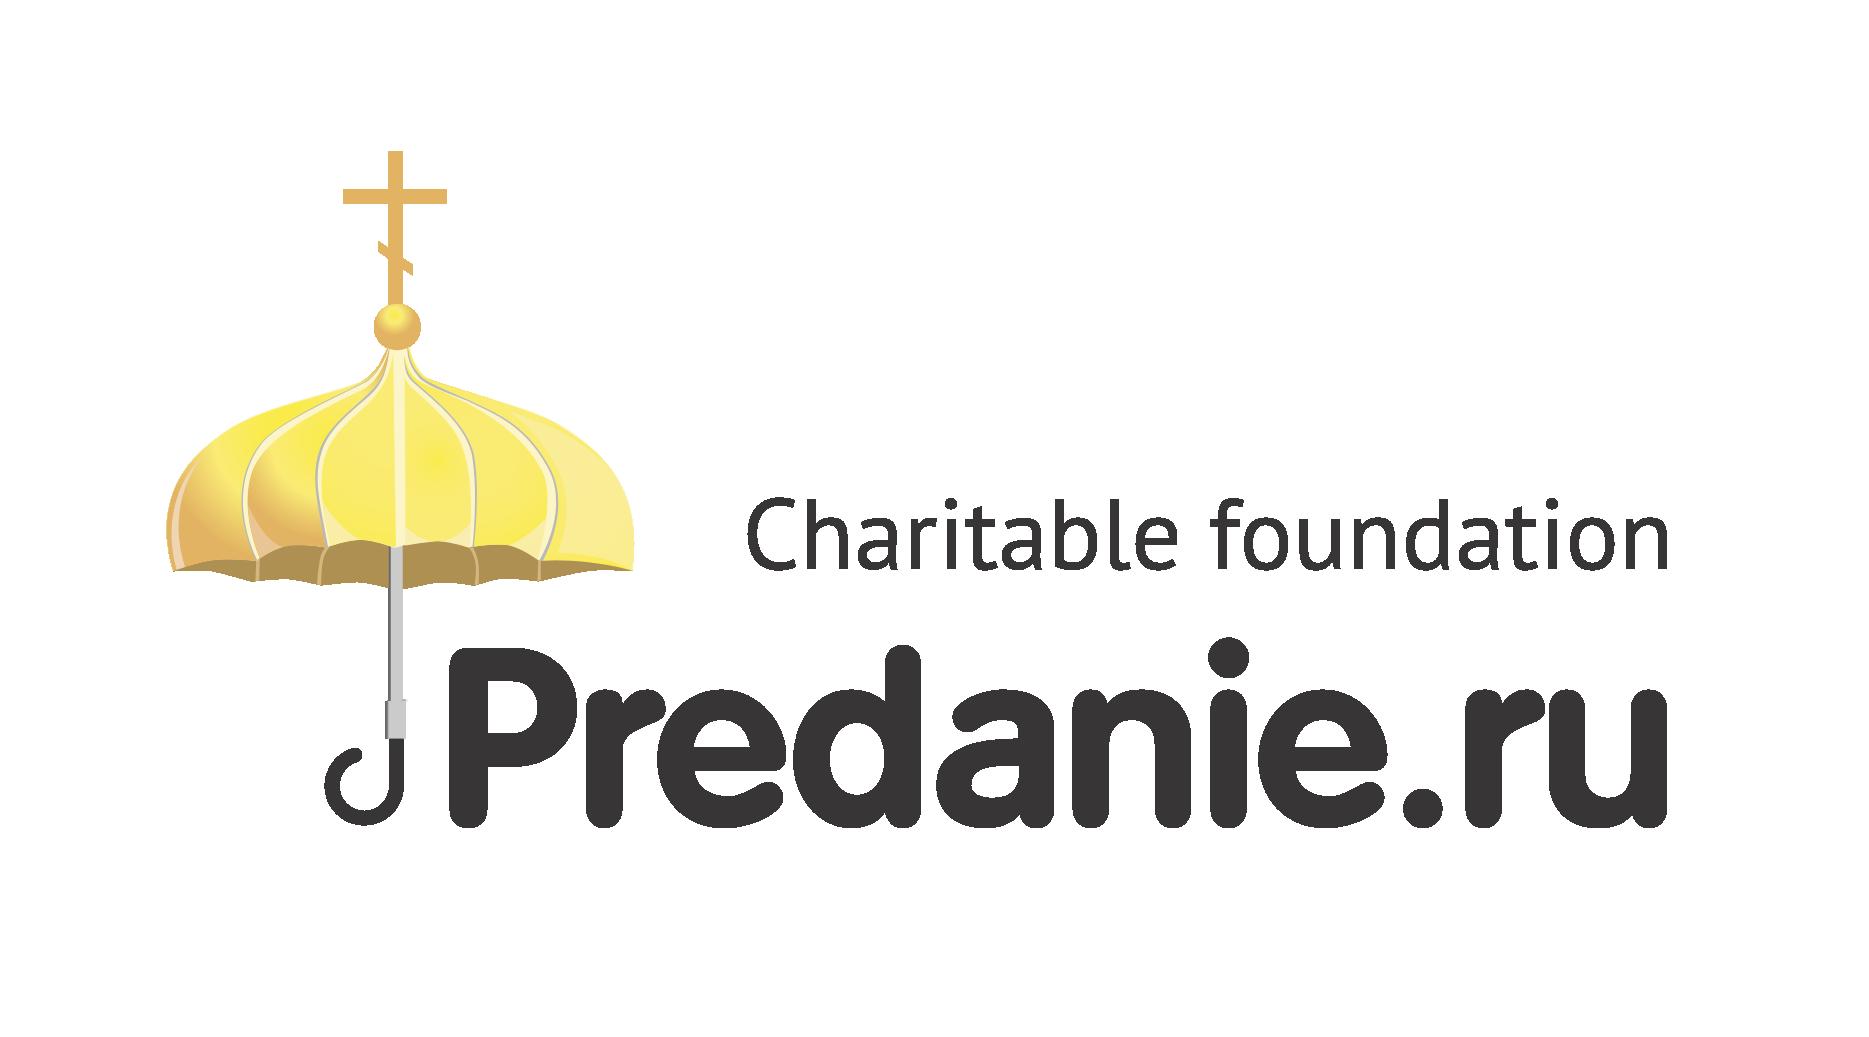 Predanie Foundation